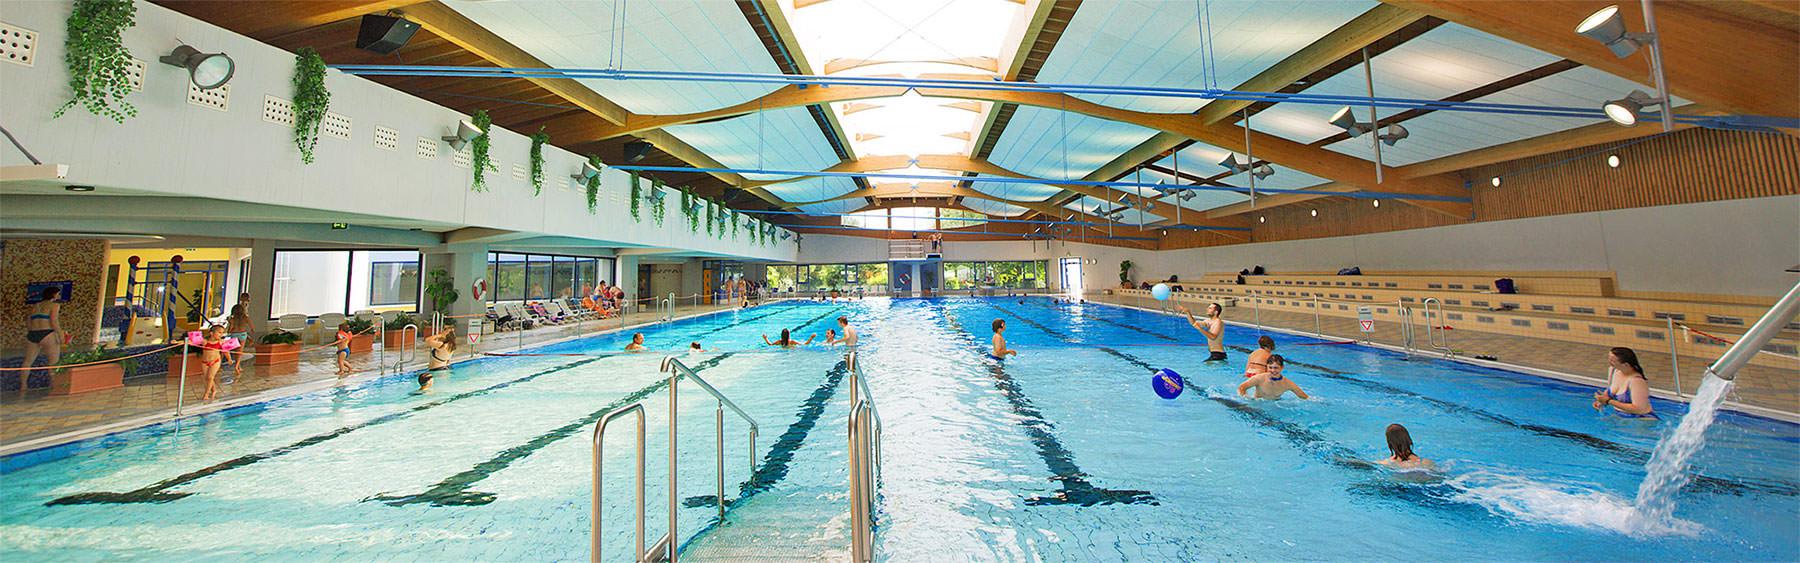 Aktuelles aus dem vitamar kleinostheim for Schwimmschule seligenstadt